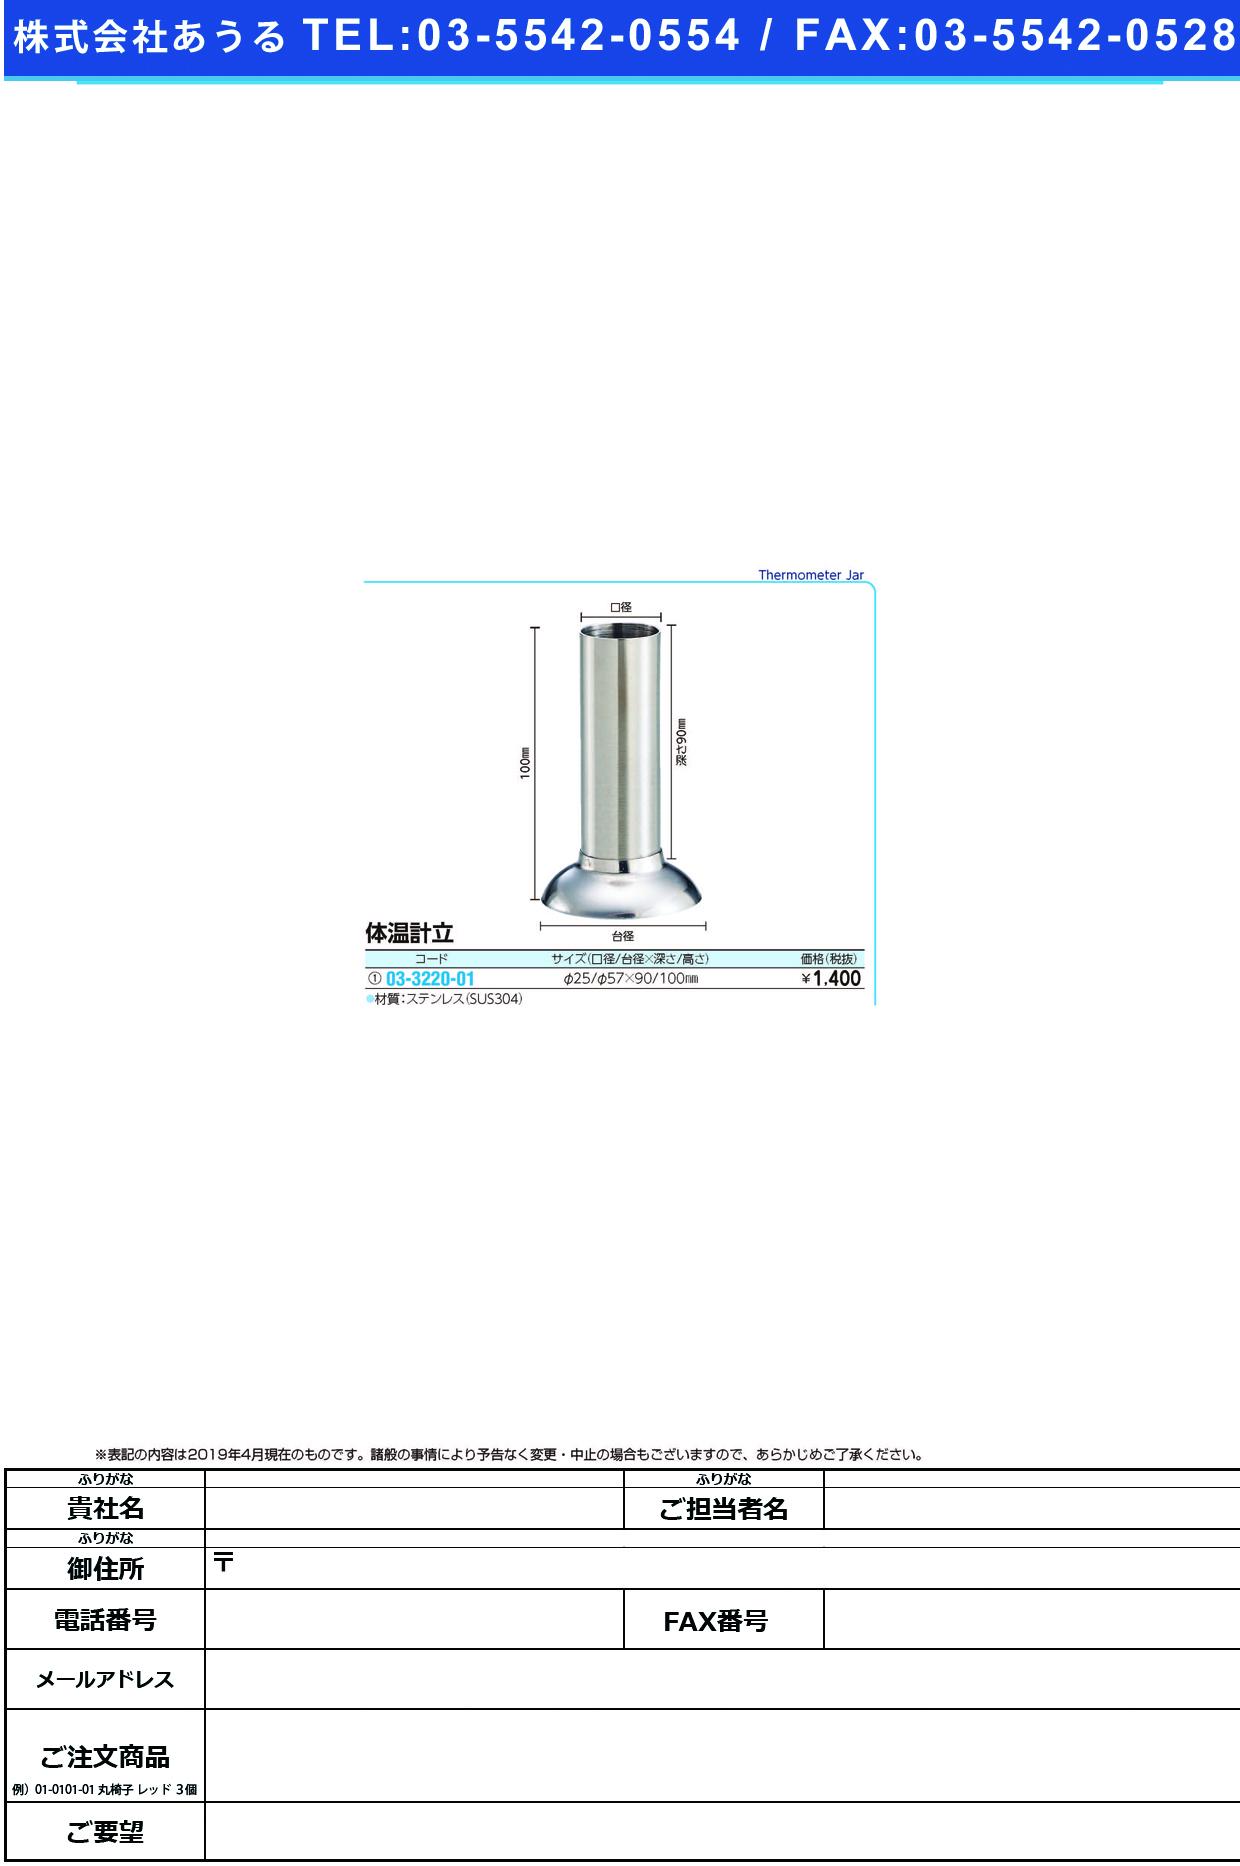 (03-3220-01)体温計立 U-17(25X100MM) タイオンケイタテ【1個単位】【2019年カタログ商品】